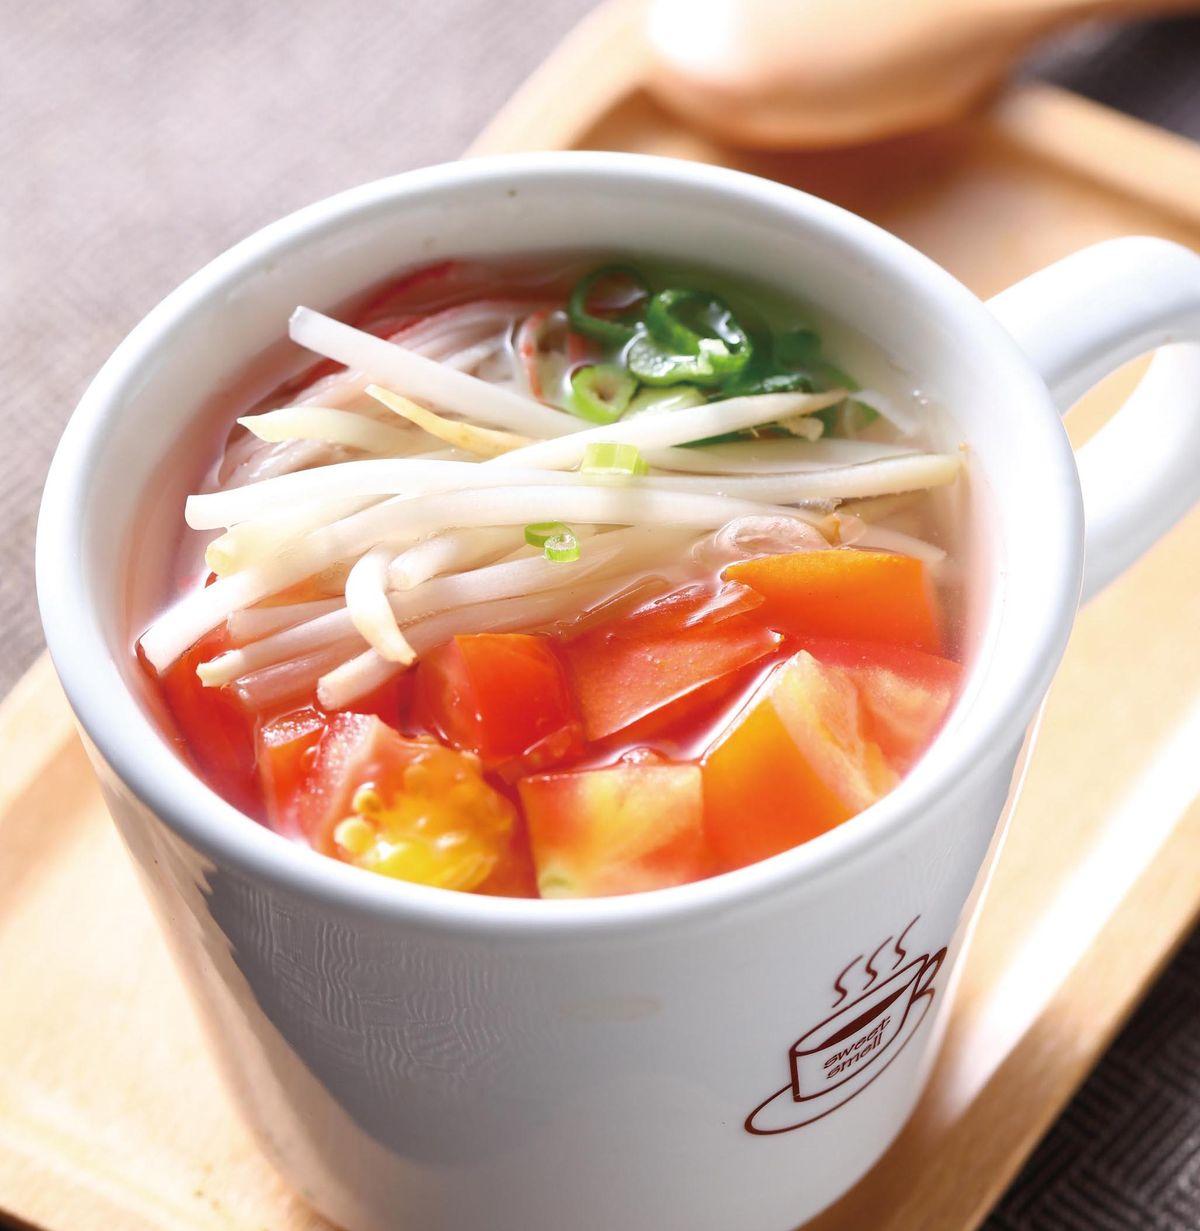 食譜:番茄銀芽湯